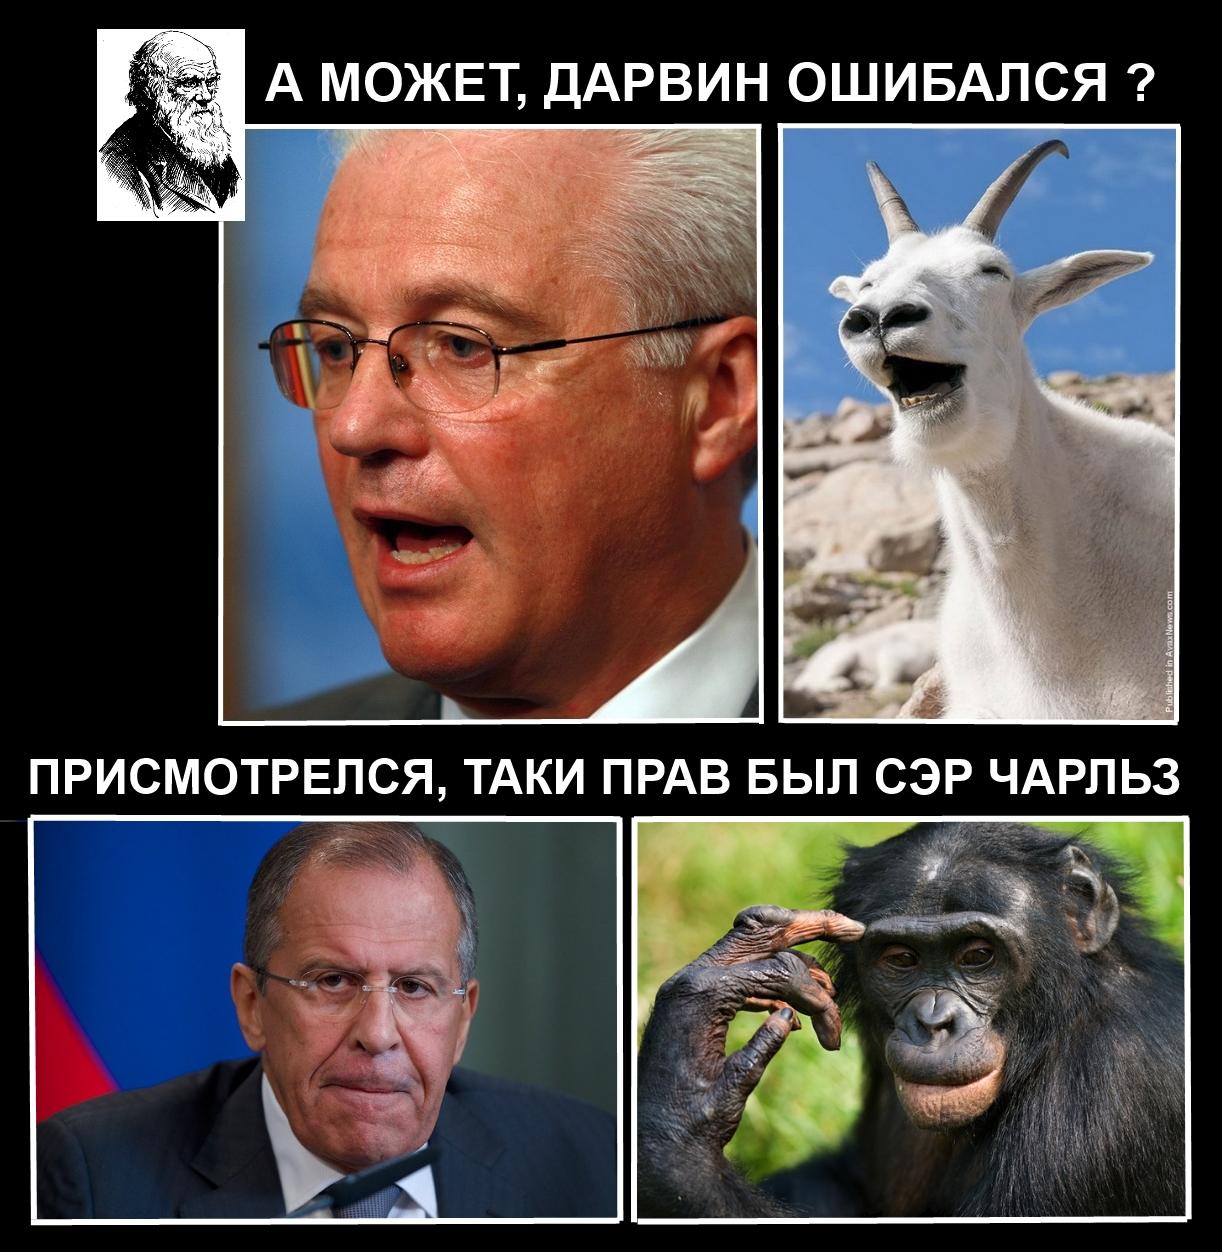 Идею Украины о создании группировки НАТО в Черном море мы считаем провокационной, - Лавров - Цензор.НЕТ 3802